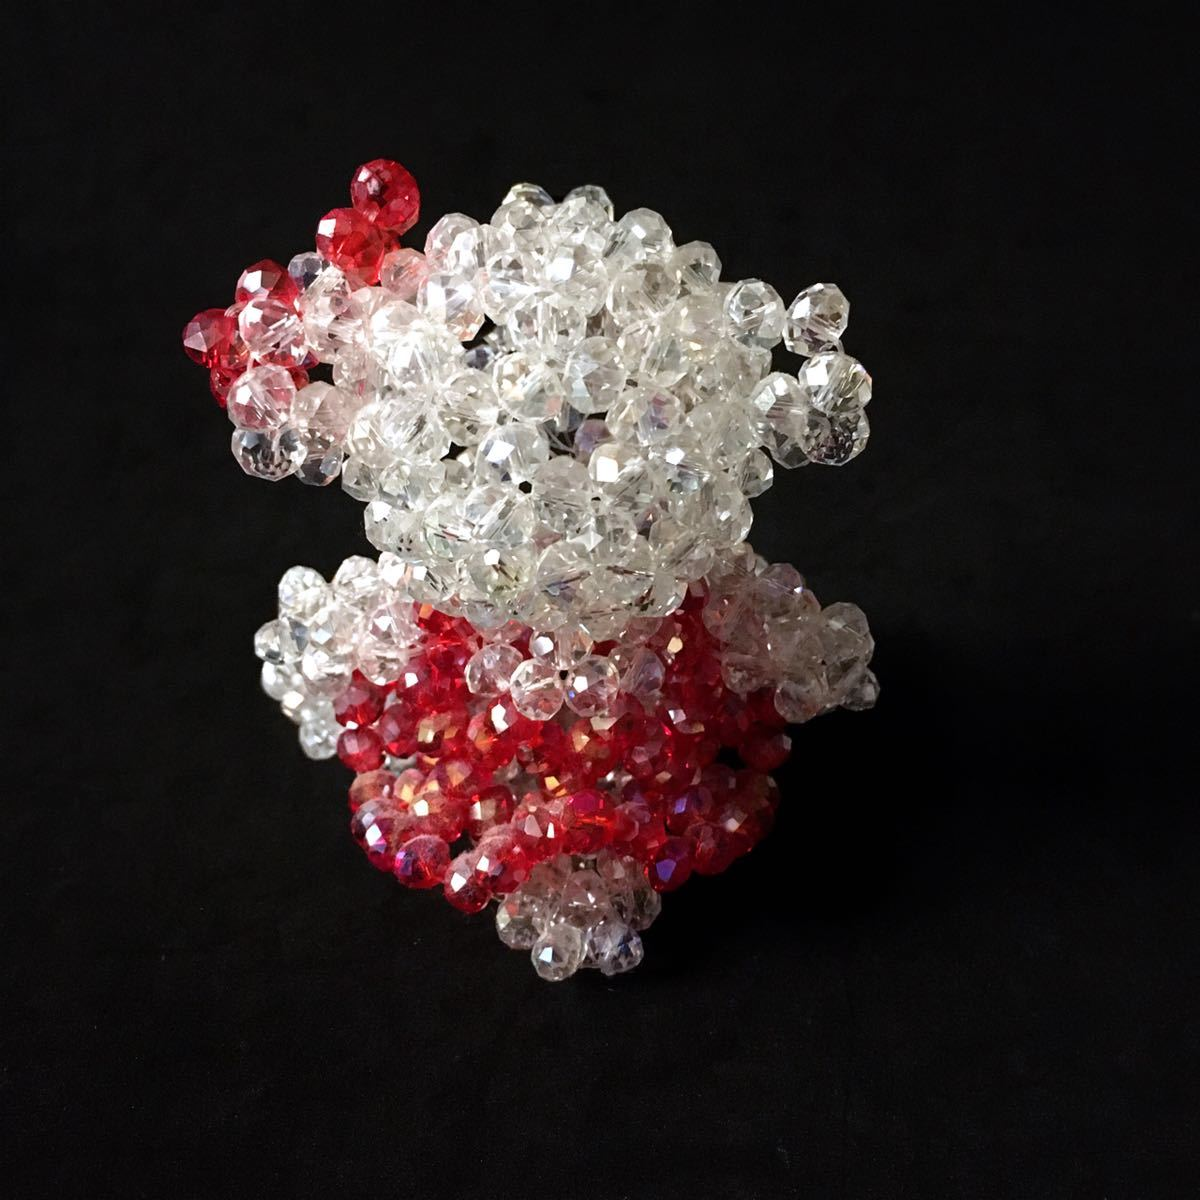 【ビーズキット】8mmガラスビーズ・クマ女の子・白×赤